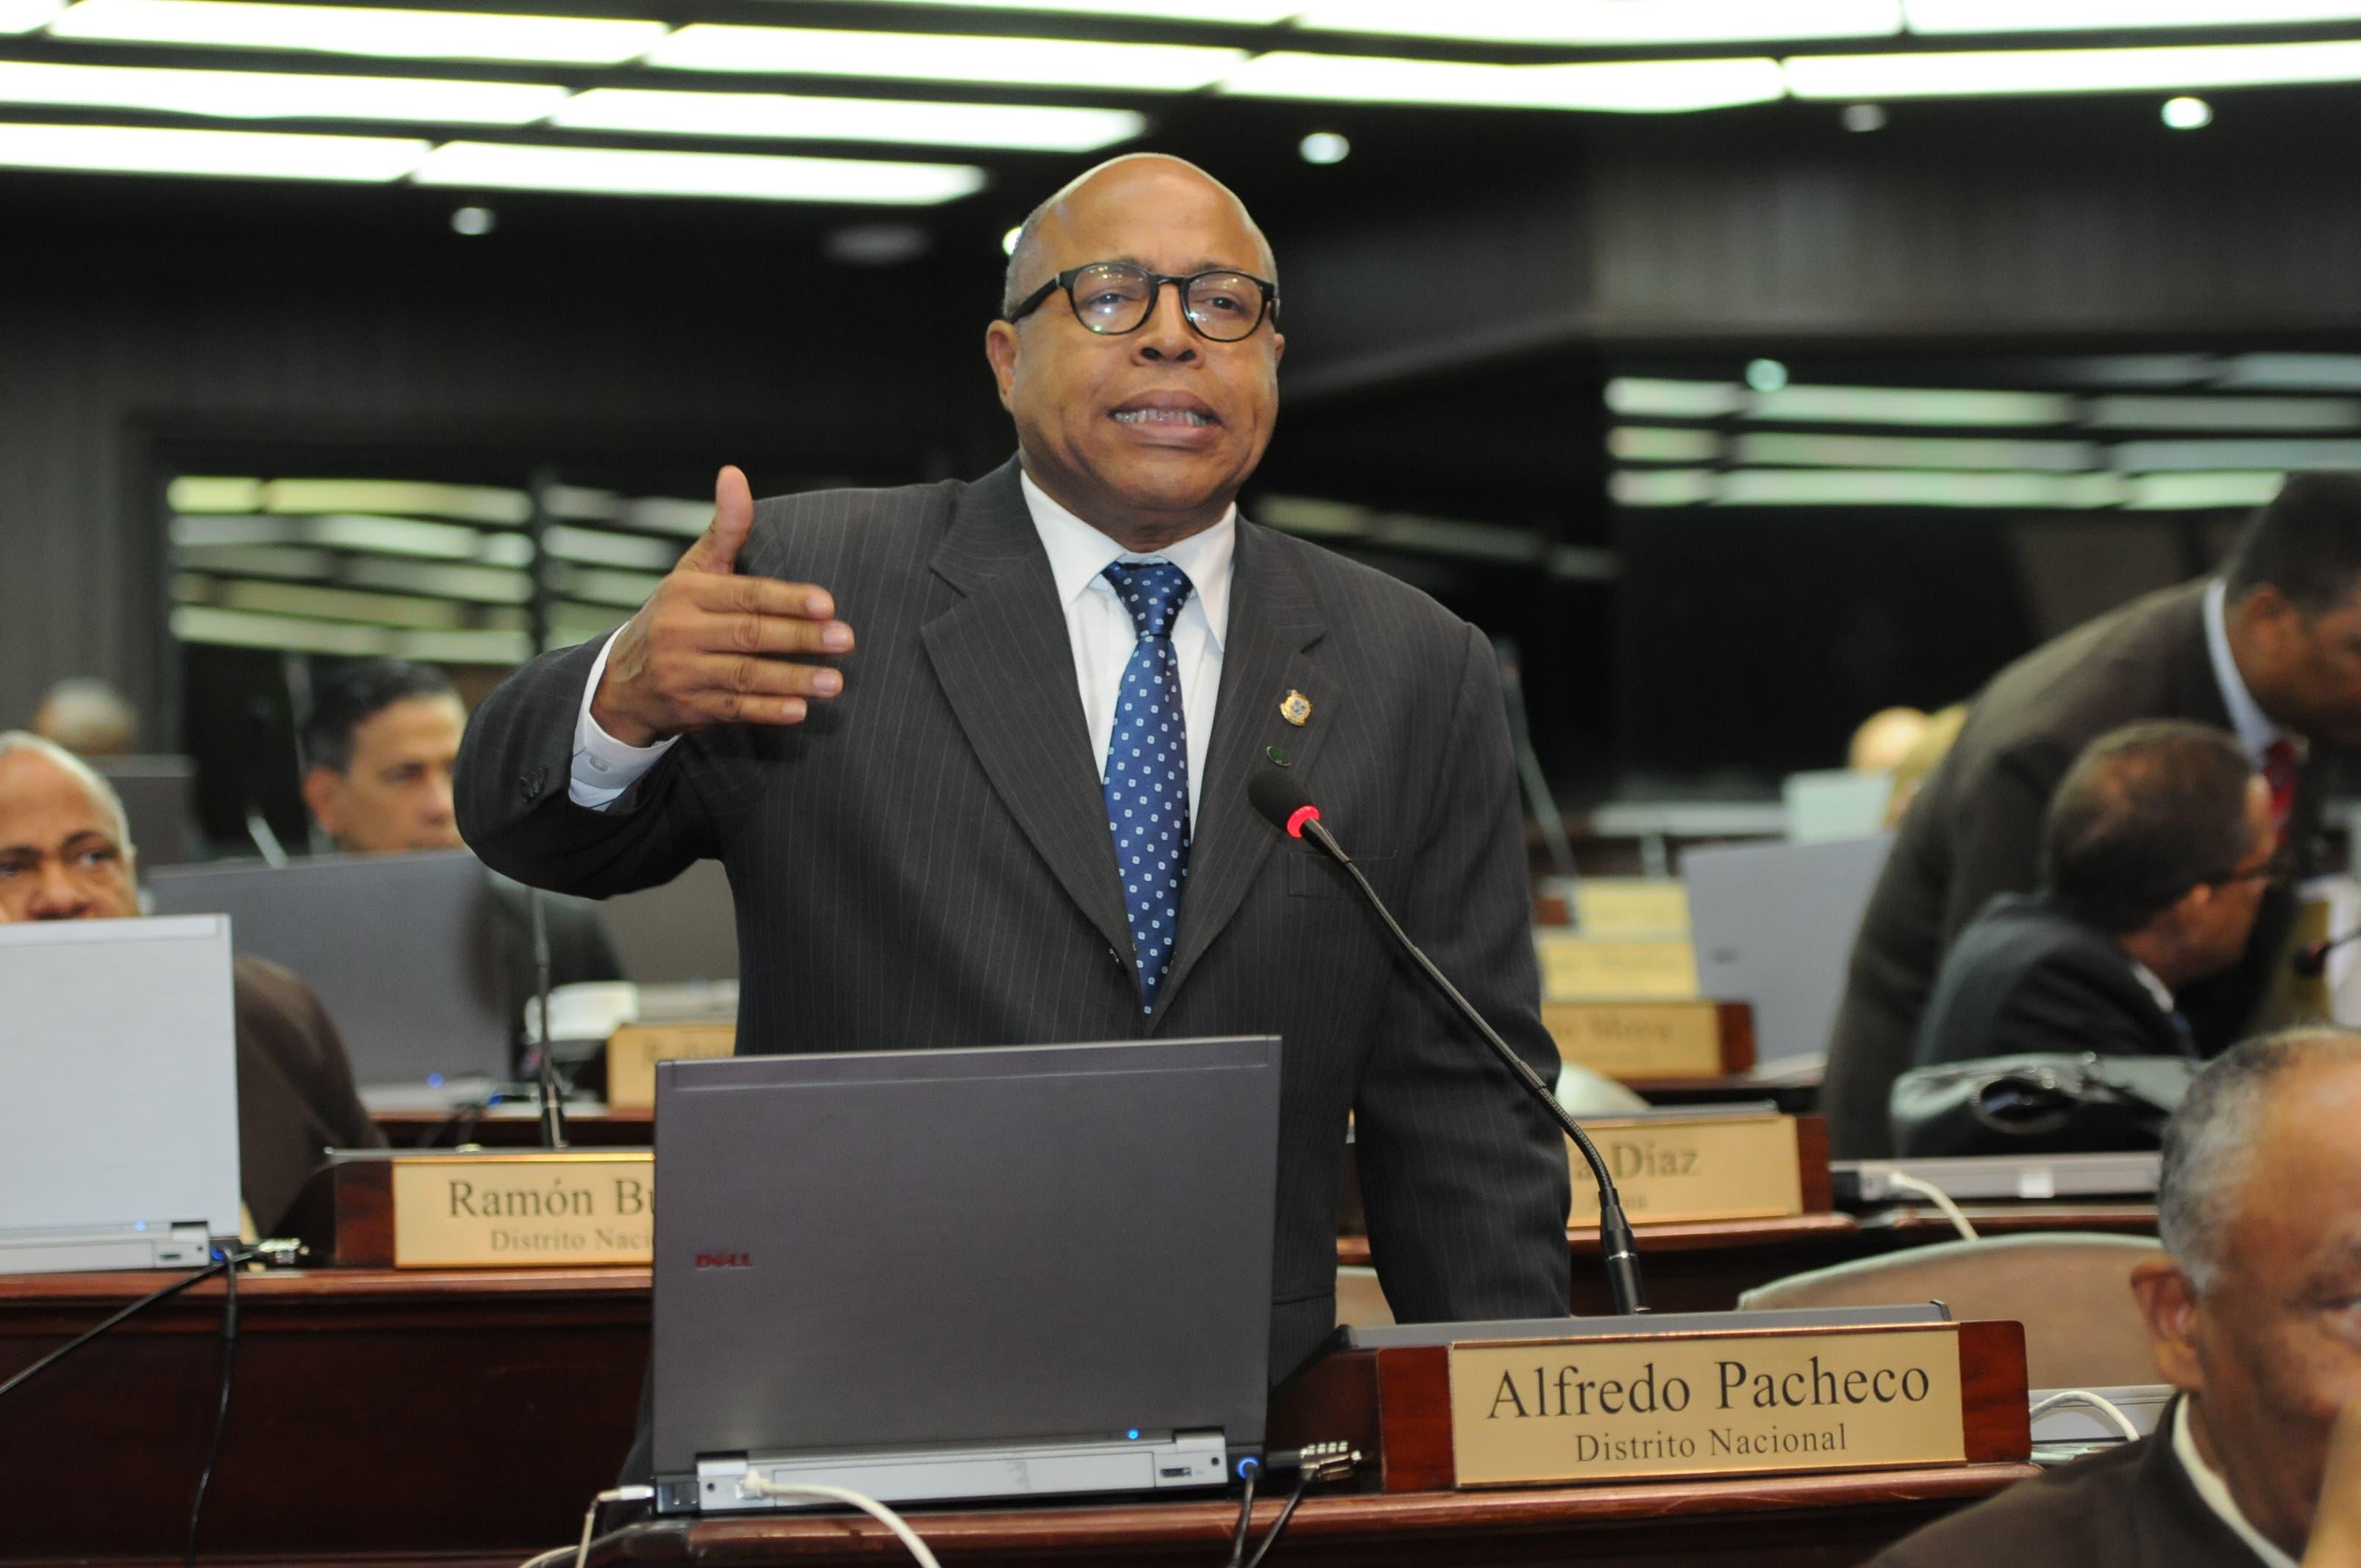 Alfredo Pacheco es uno de los tres legisladores imputados por el caso Odebrecht.